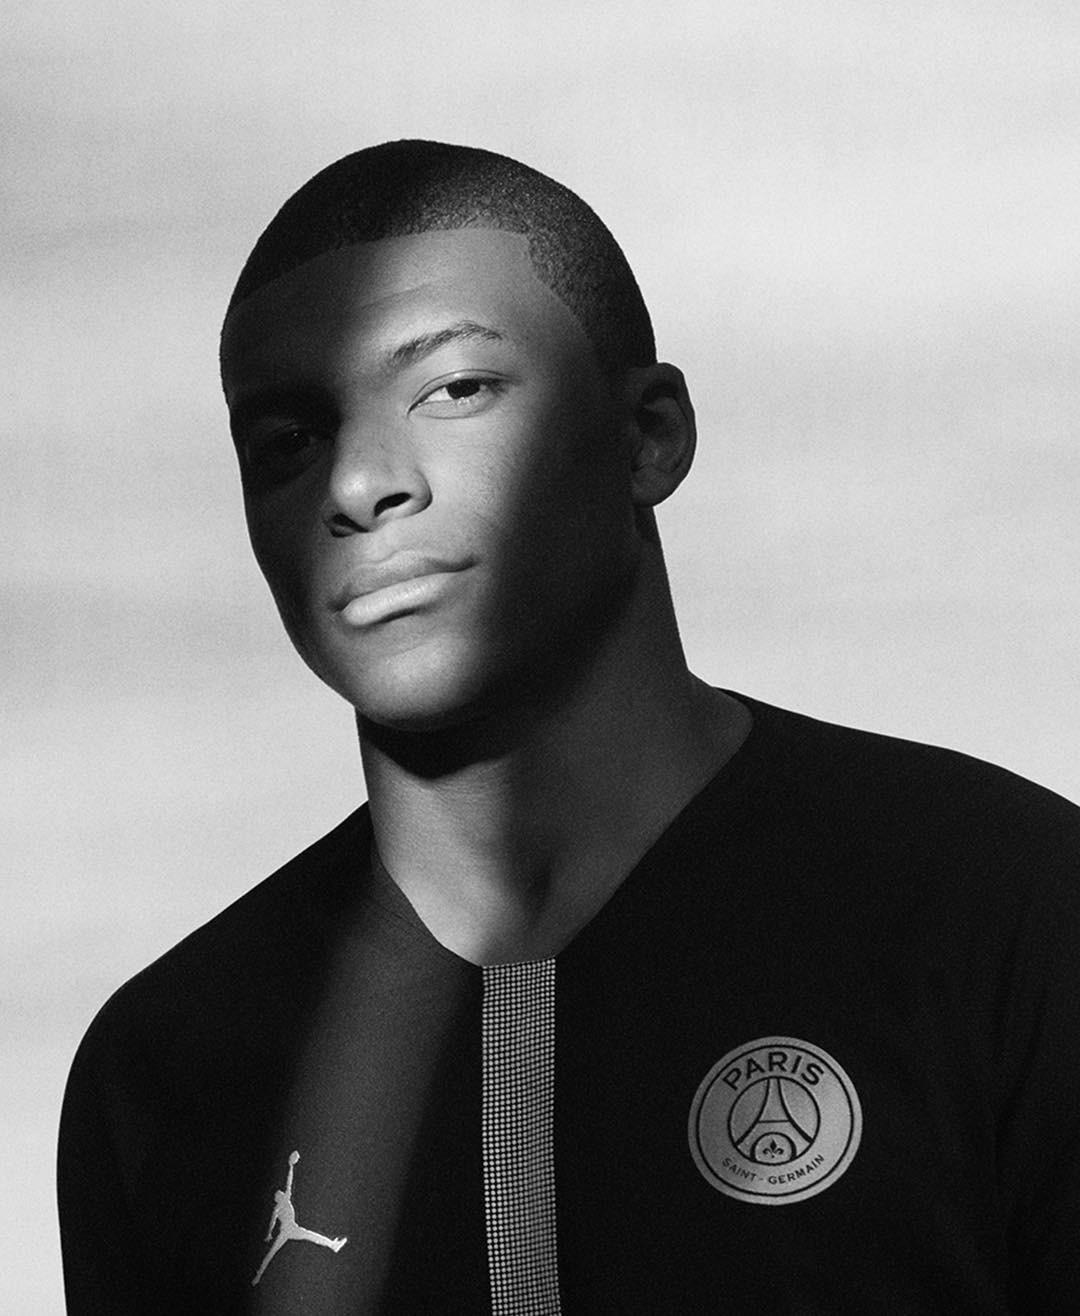 PSG e Jordan Brand apresentam coleção de uniformes 4d526a7218126